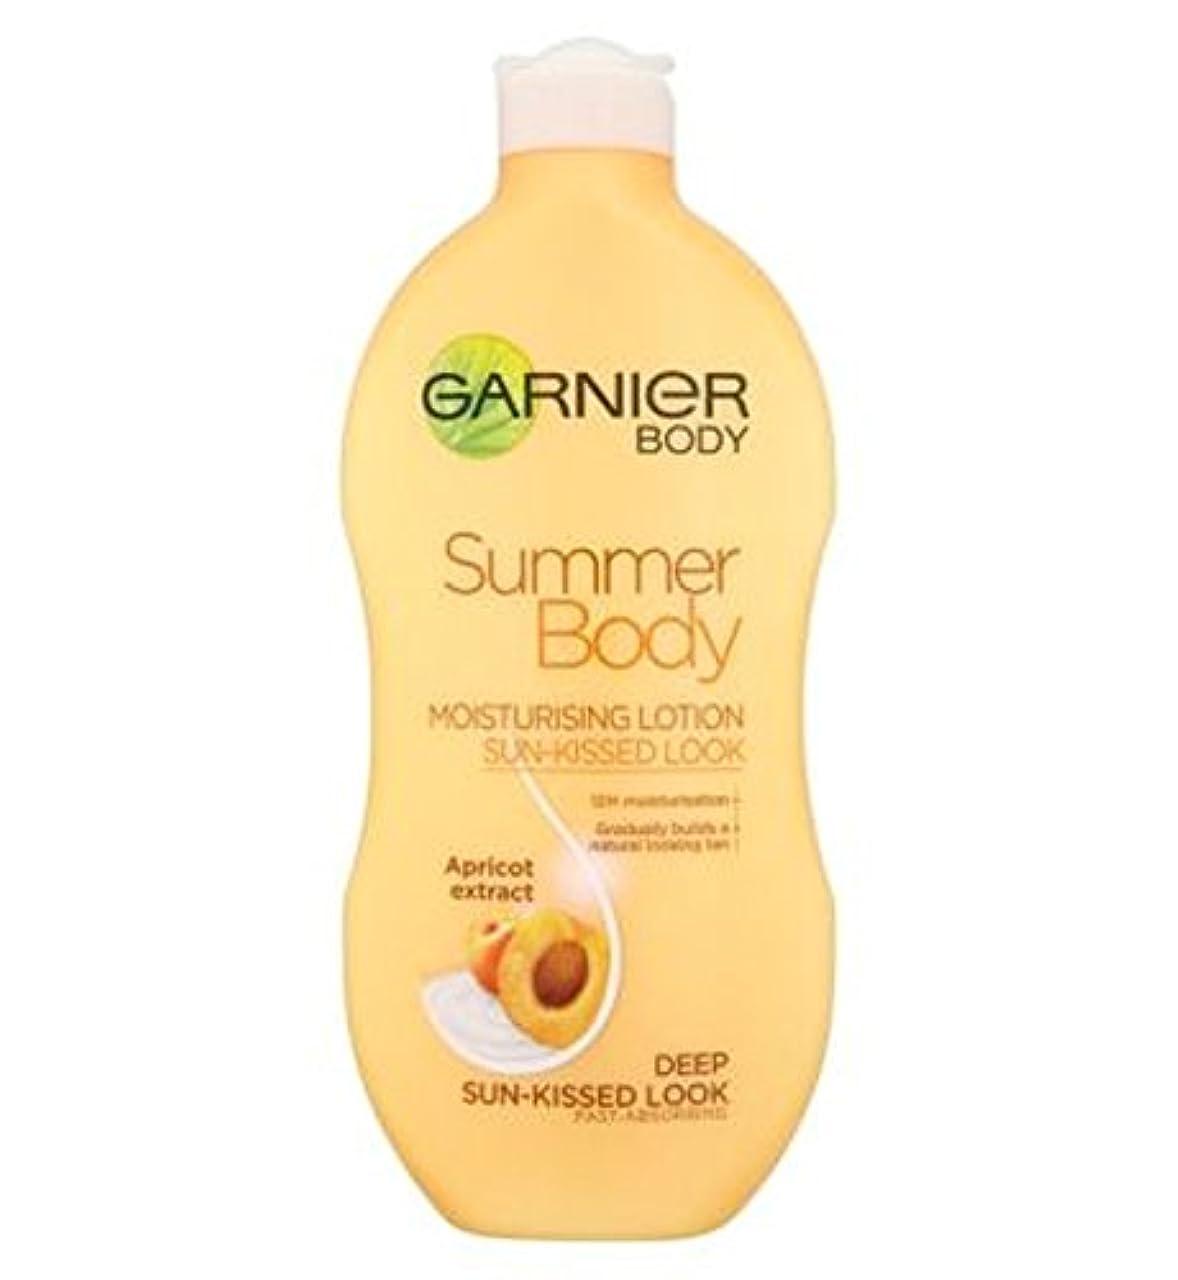 適用済み大西洋アッパーGarnier Summer Body Lotion Deep Sun-Kissed 400ml - ガルニエの夏のボディローション深い日、キスをした400ミリリットル (Garnier) [並行輸入品]